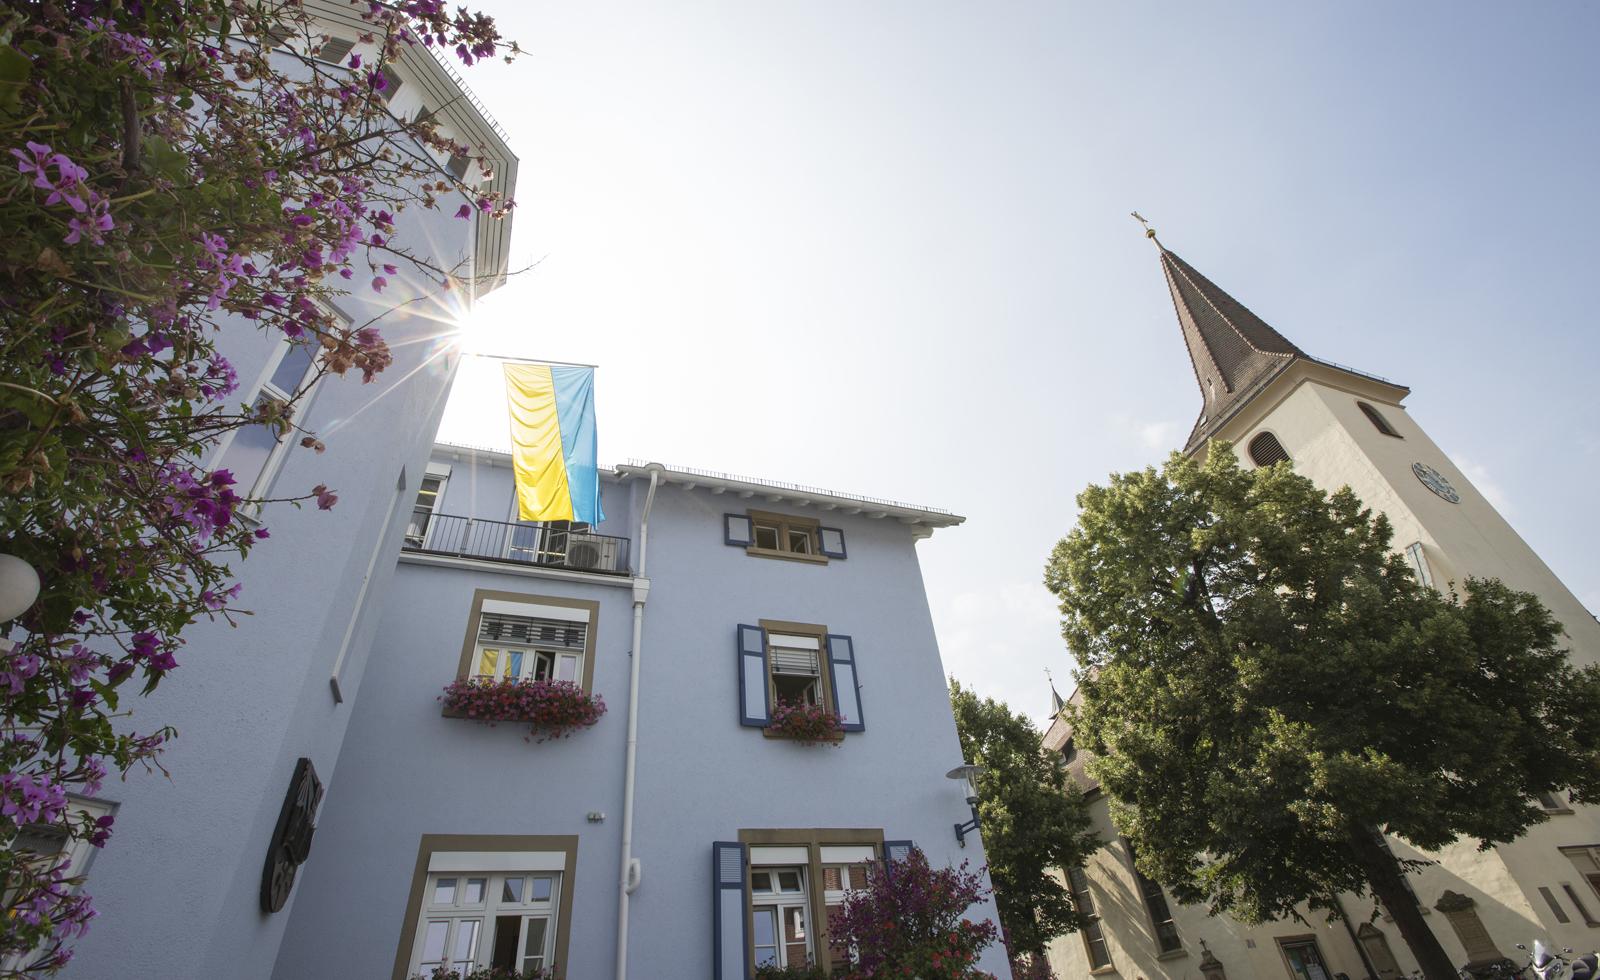 Bild vom Bad Krozinger Rathaus mit der Kirche im Hintergrund